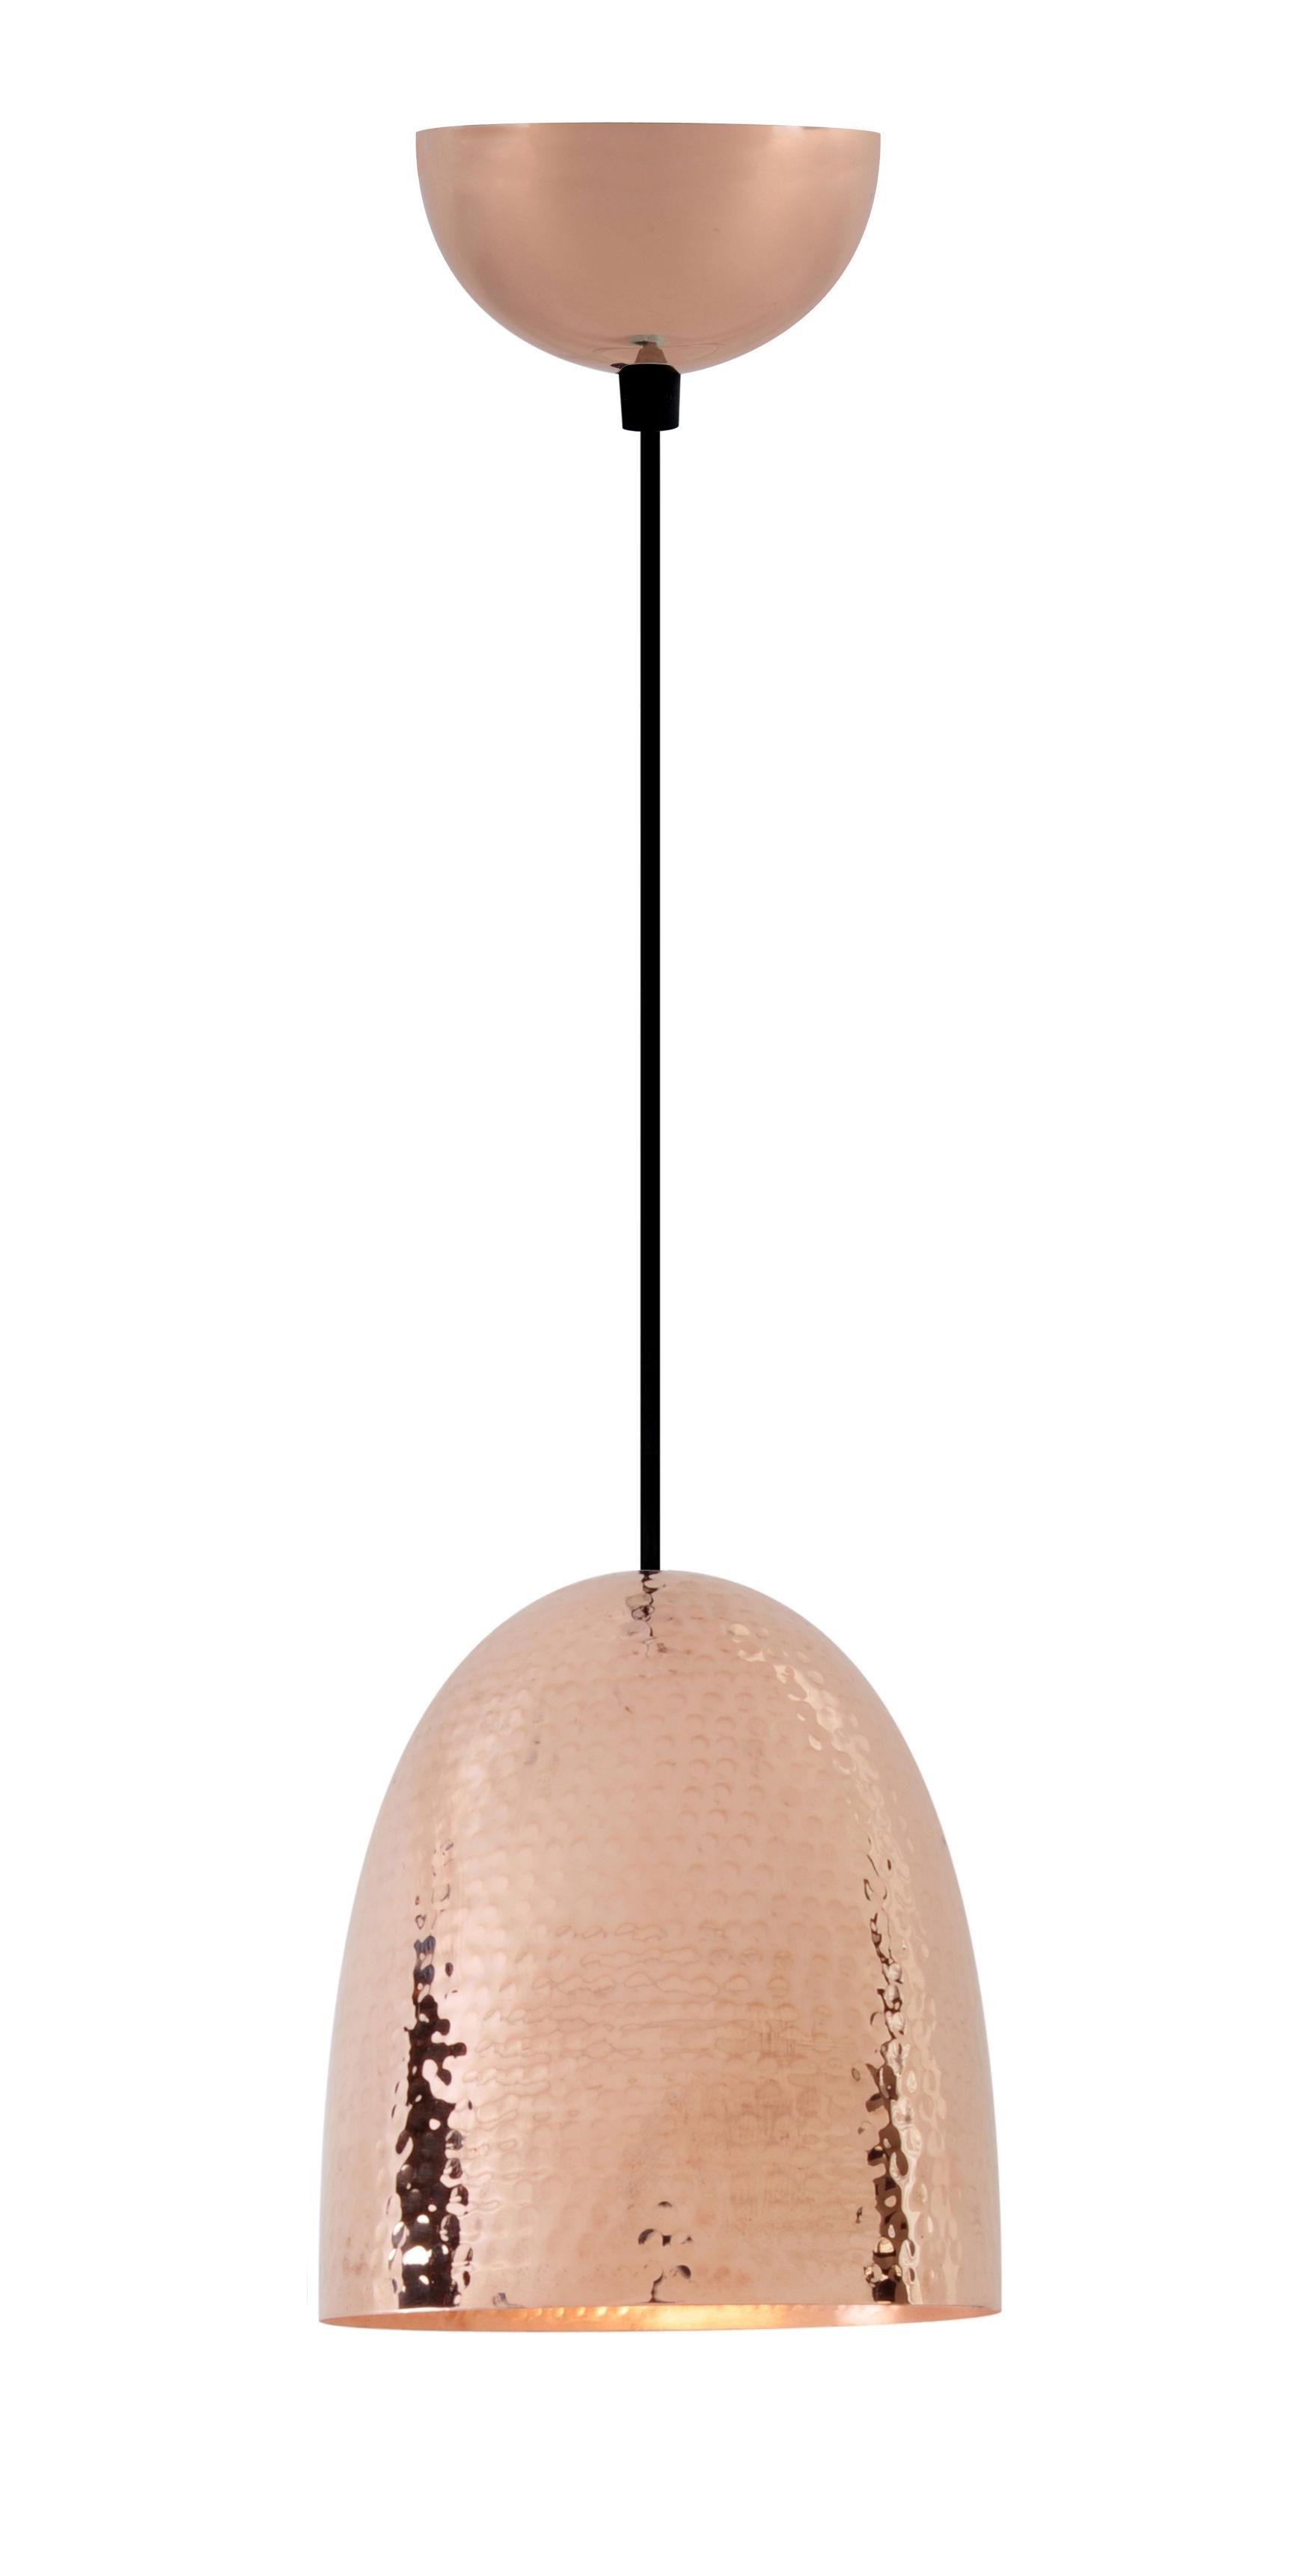 Leuchten - Pendelleuchten - Stanley Small Pendelleuchte - Original BTC - H 20 cm (Small) / Cuivre - Cuivre martelé